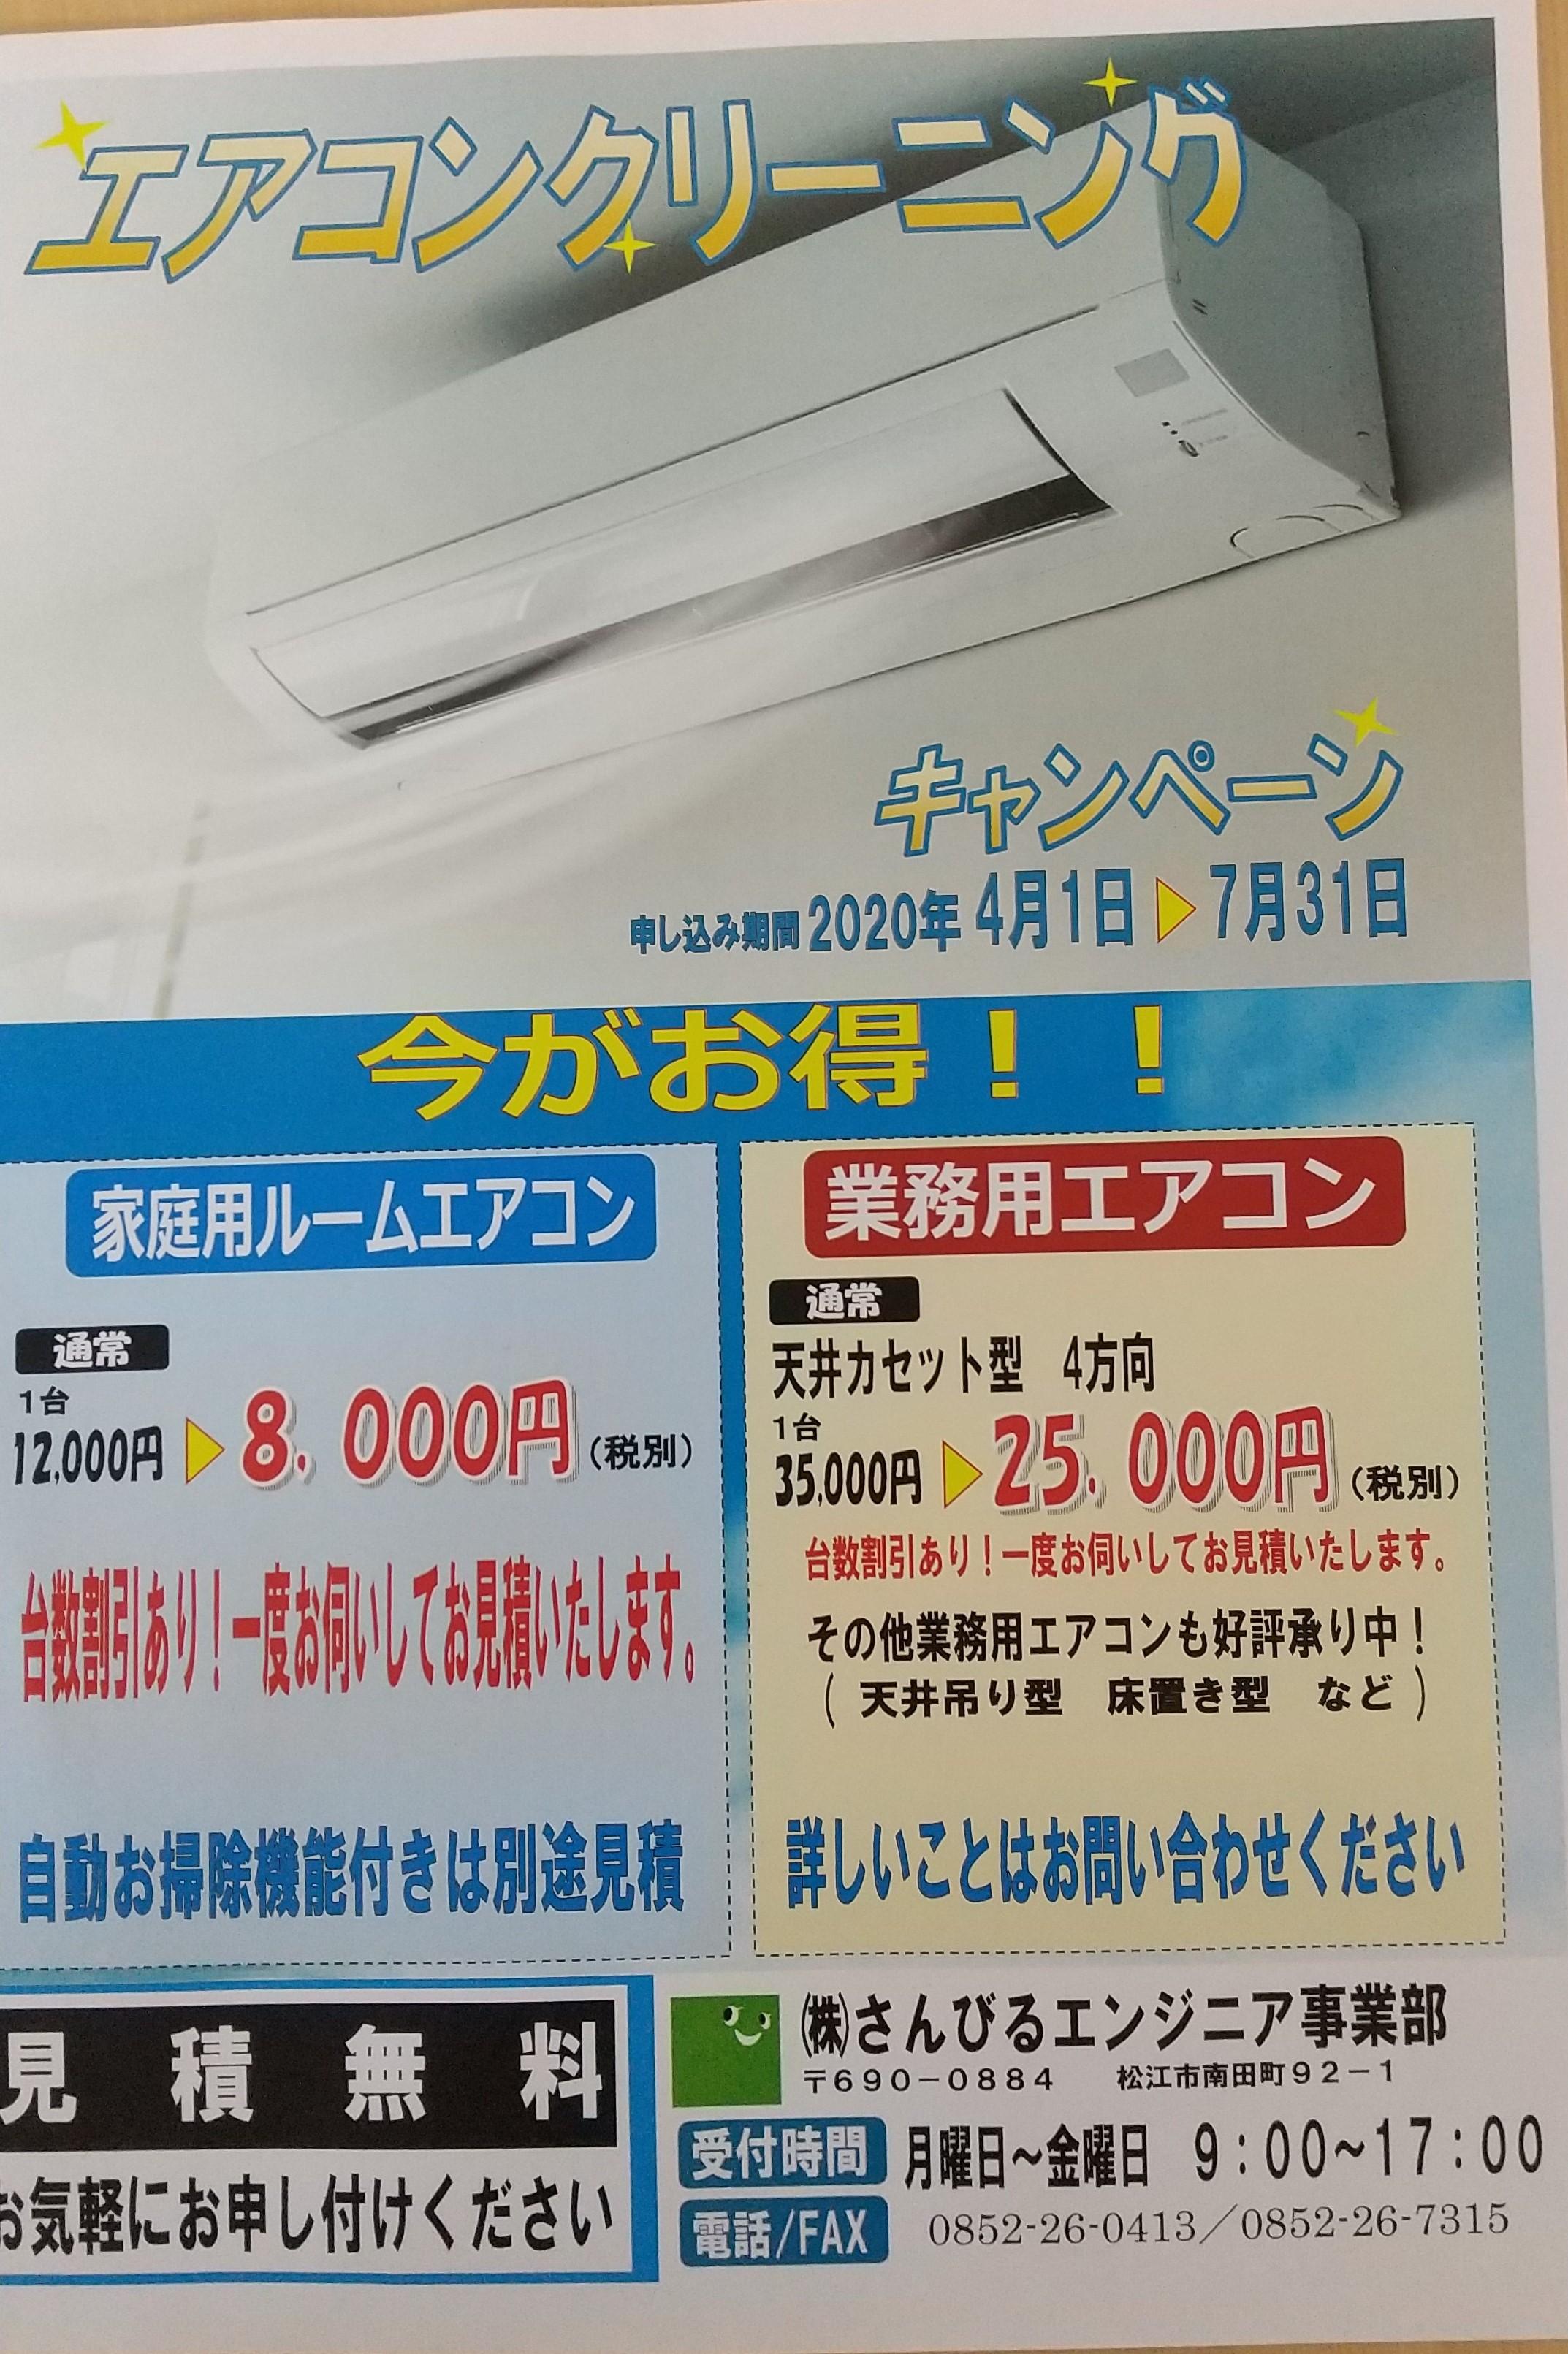 エアコンクリーニングキャンペーン実施中!!№22